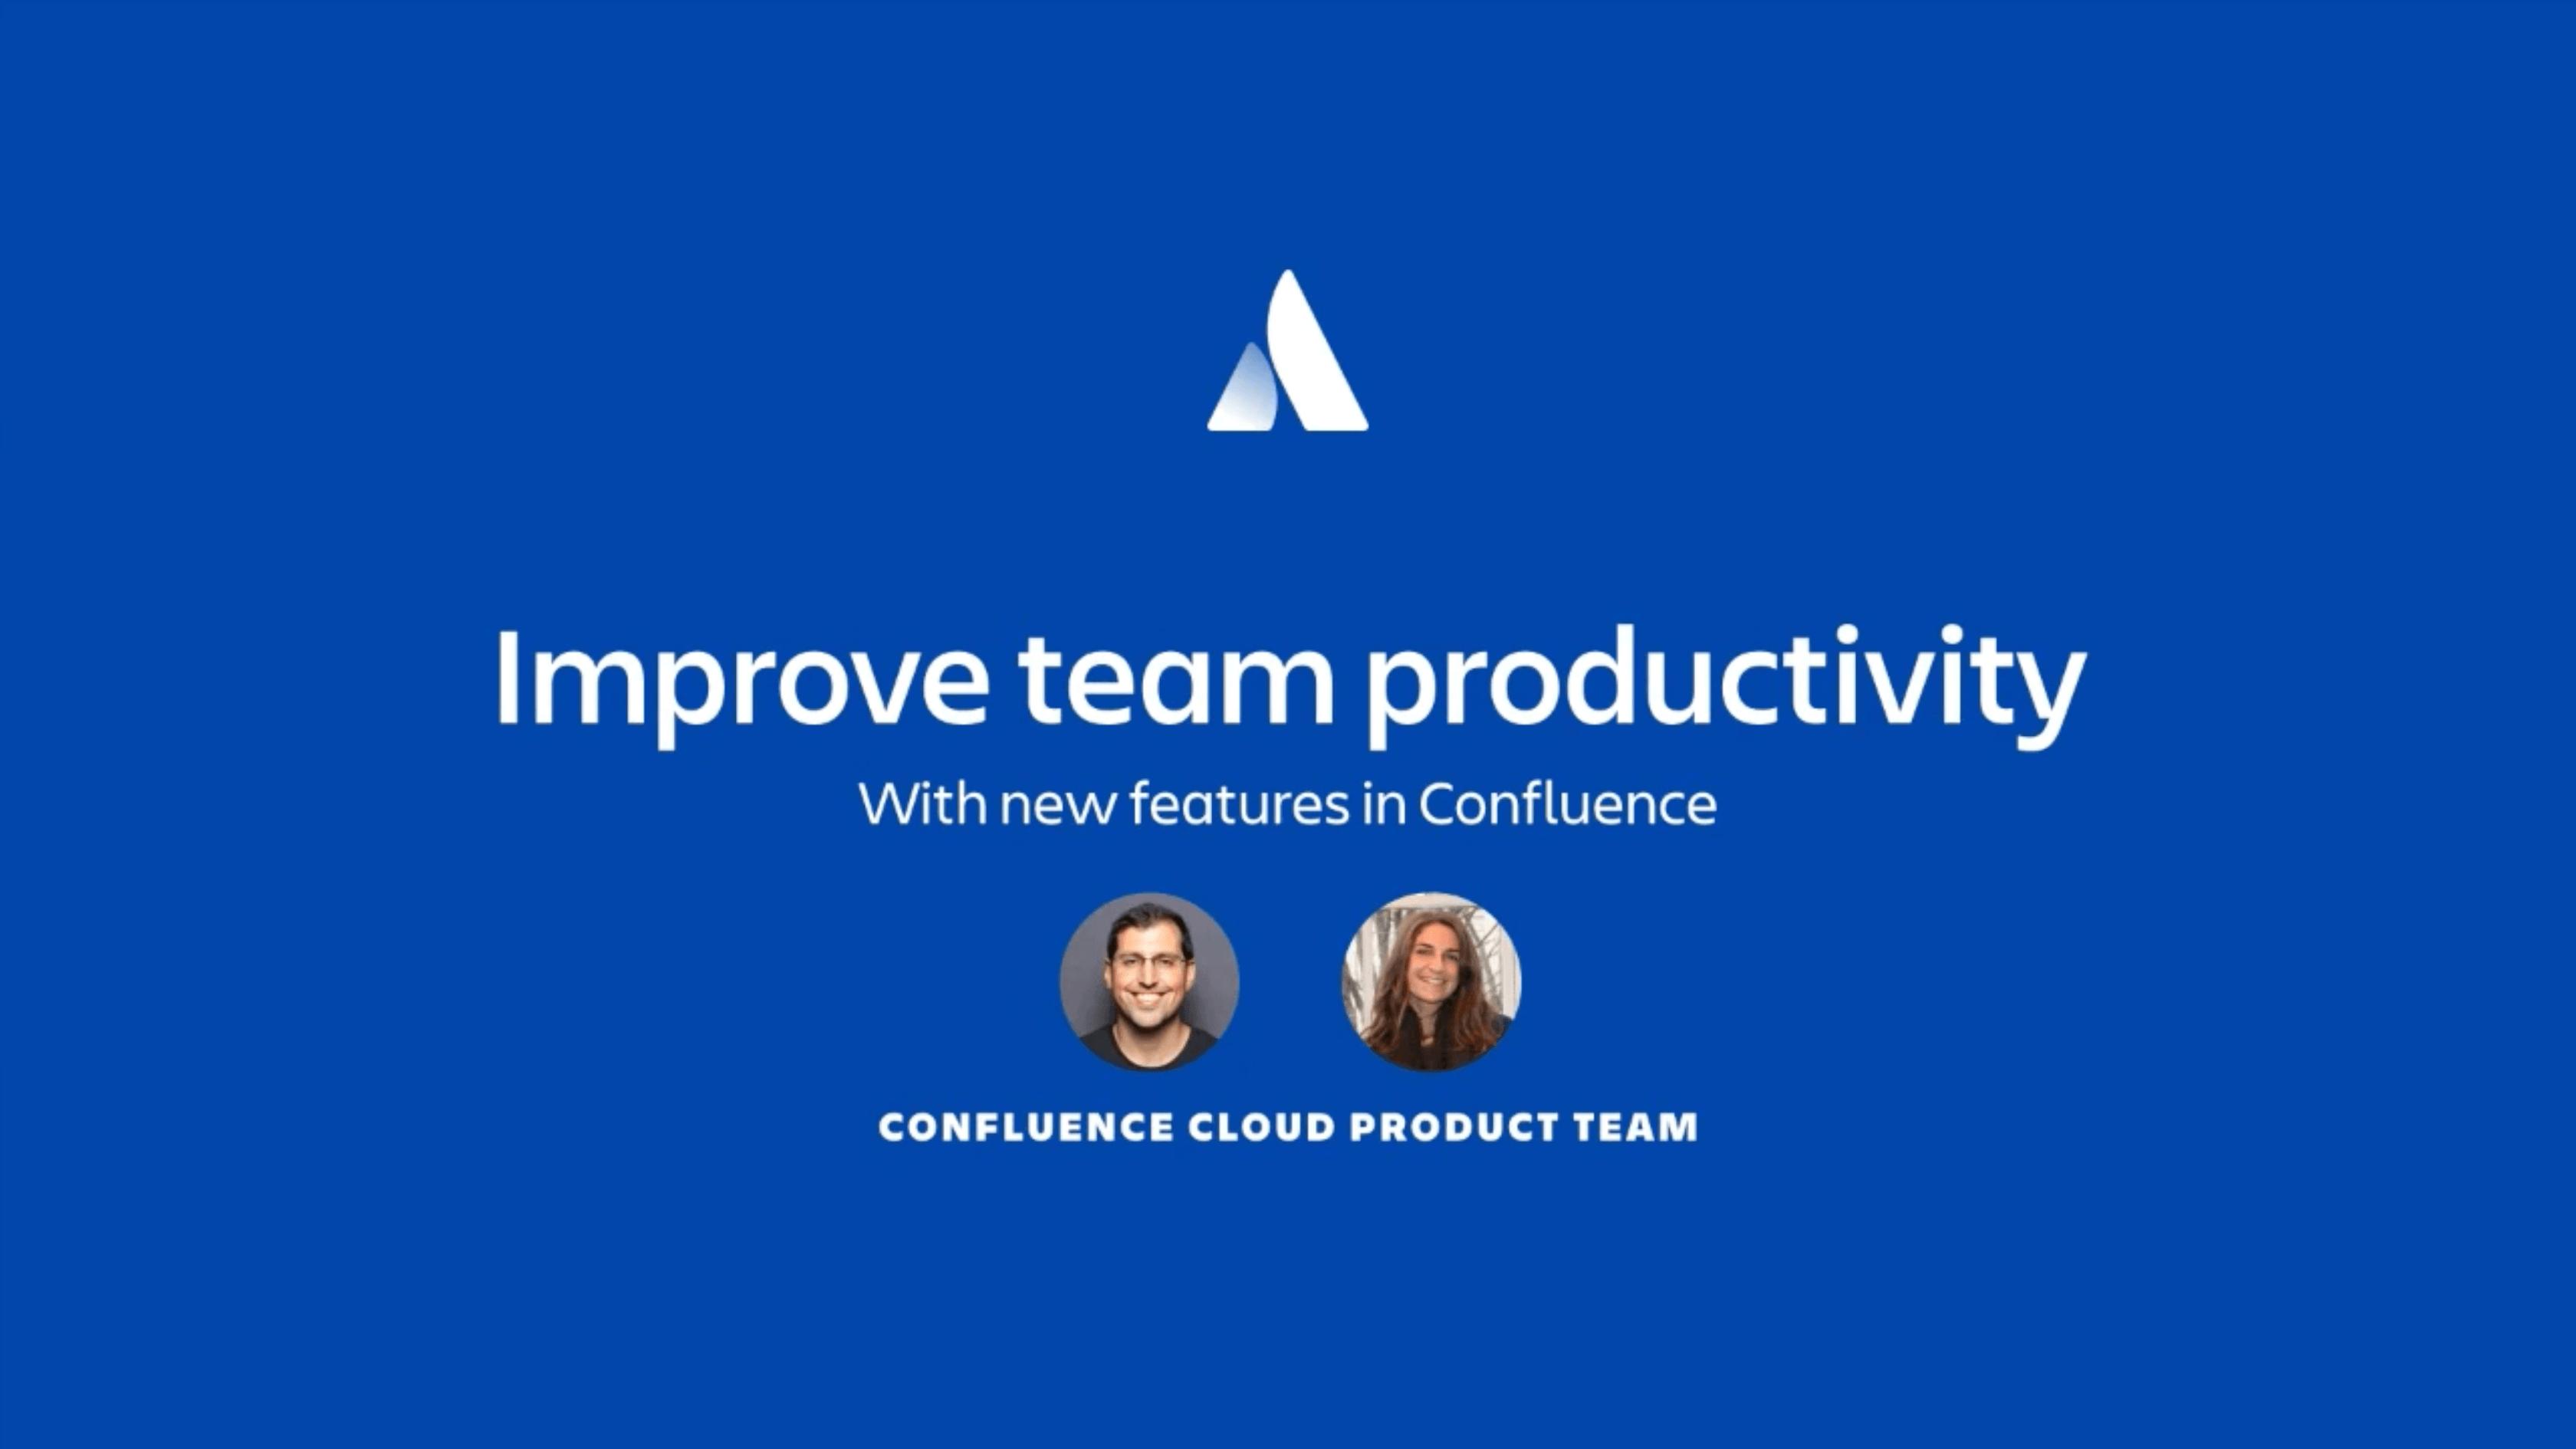 Miniaturansicht: Webinar für höhere Teamproduktivität